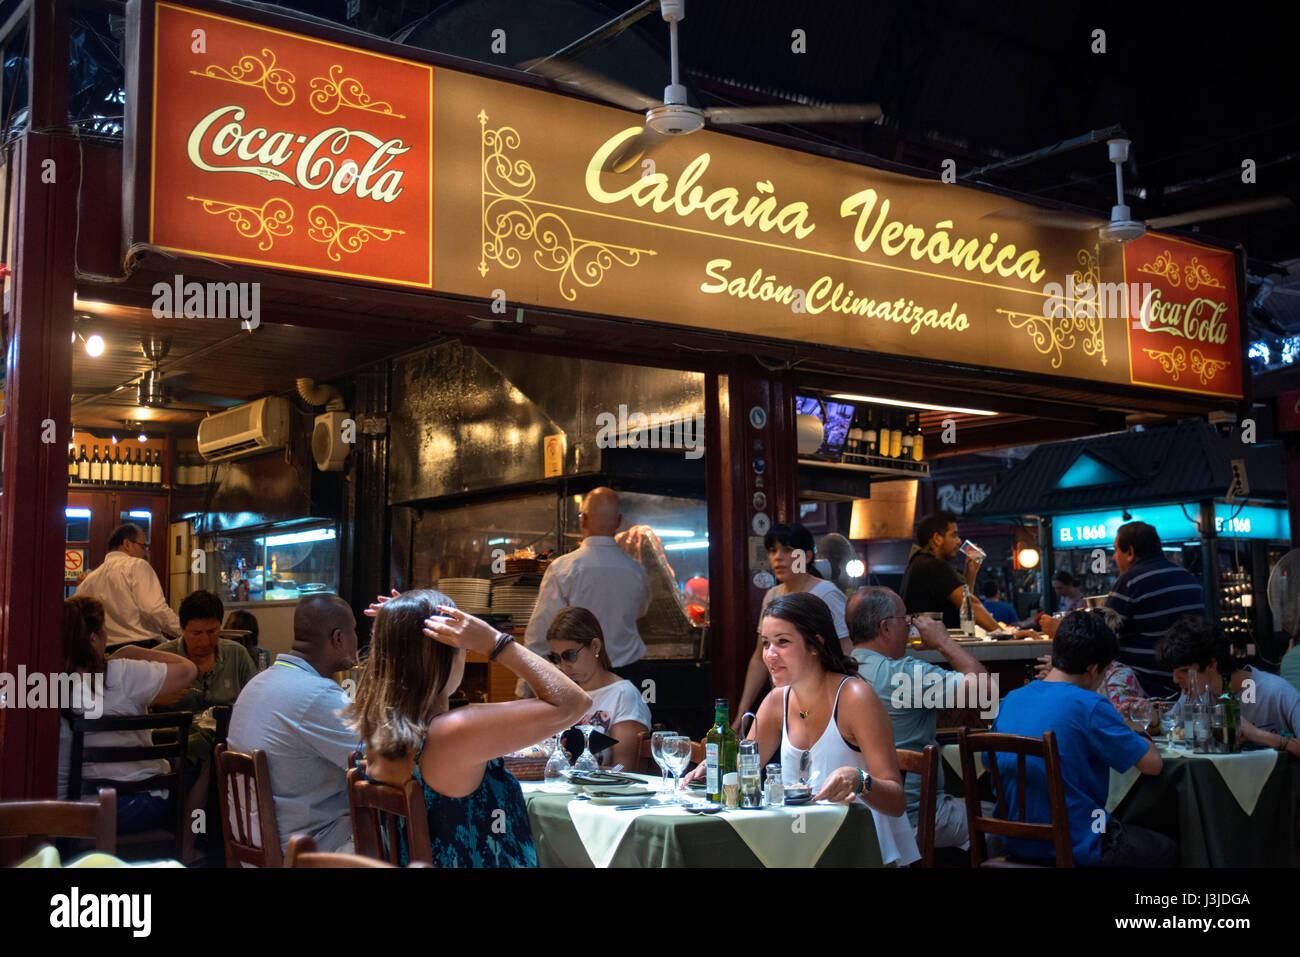 Cabaña Veronica, restaurant port indoor market Montevideo Uruguay - Stock Image